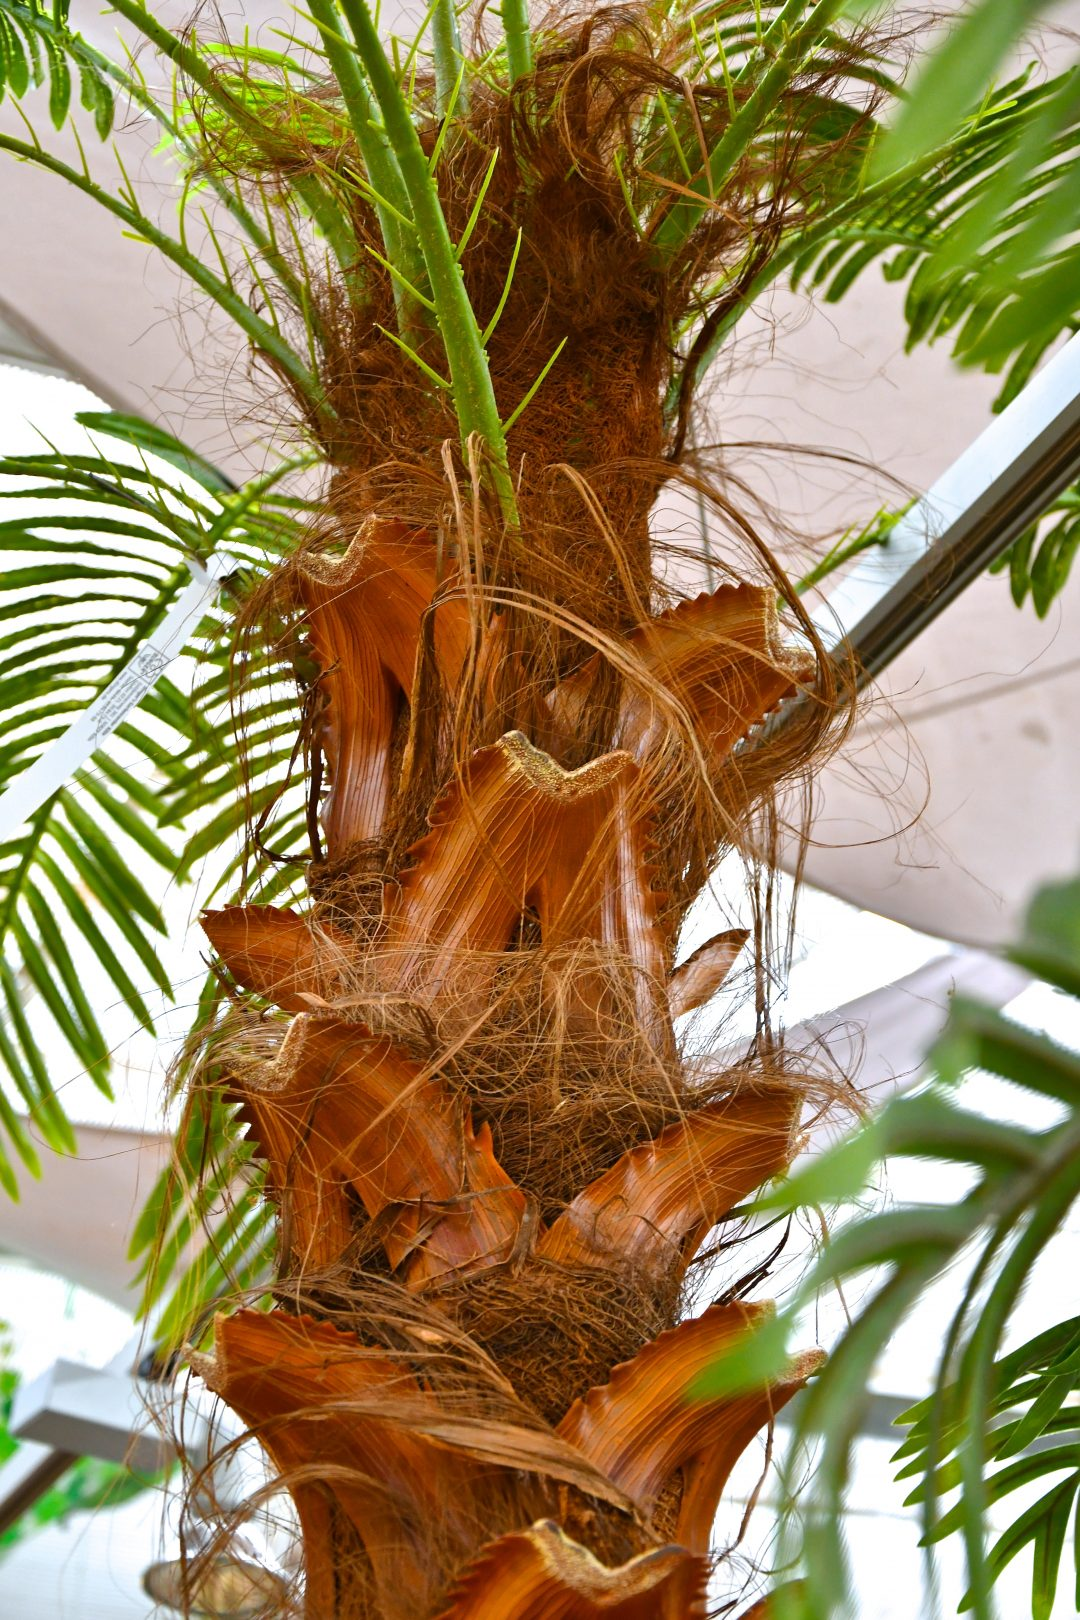 Auf diesem Bild sieht man den Teil einer künstlichen Palme. Der Stamm ist dabei allerdings Teil einer echten Palme, mit echtem holz und Kokosfasern.